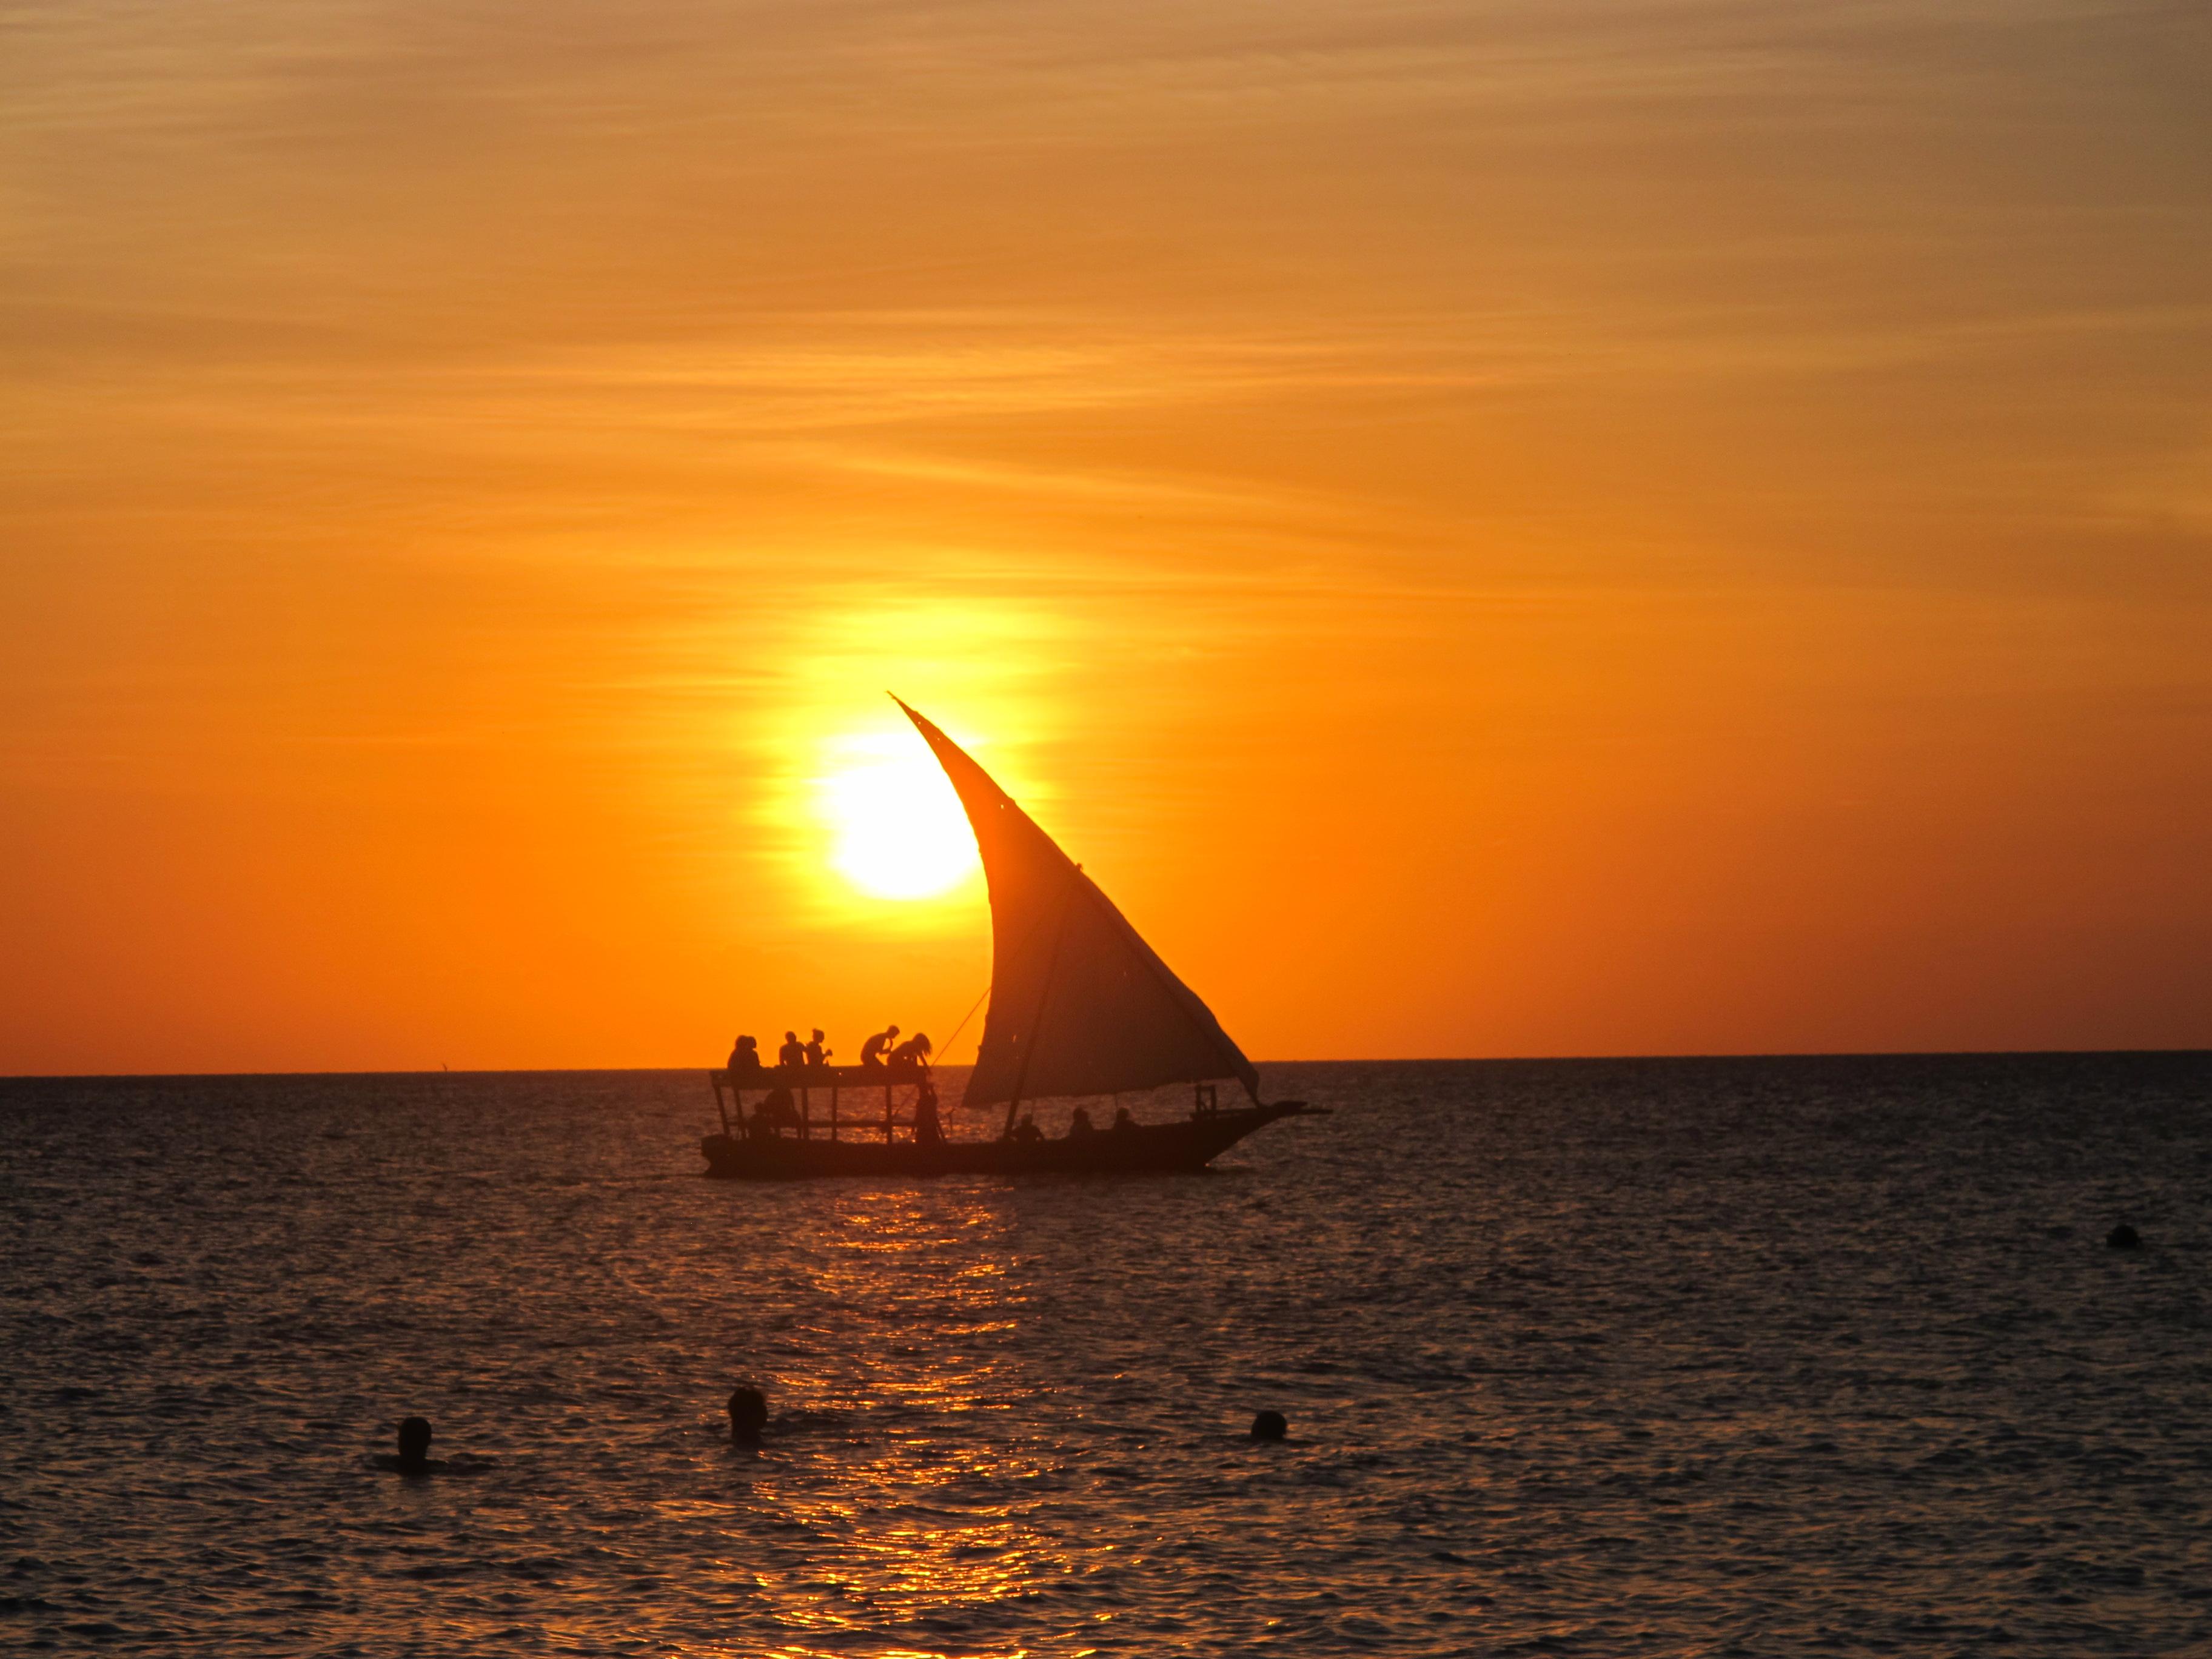 A Zanzibar Dhow at Sunset